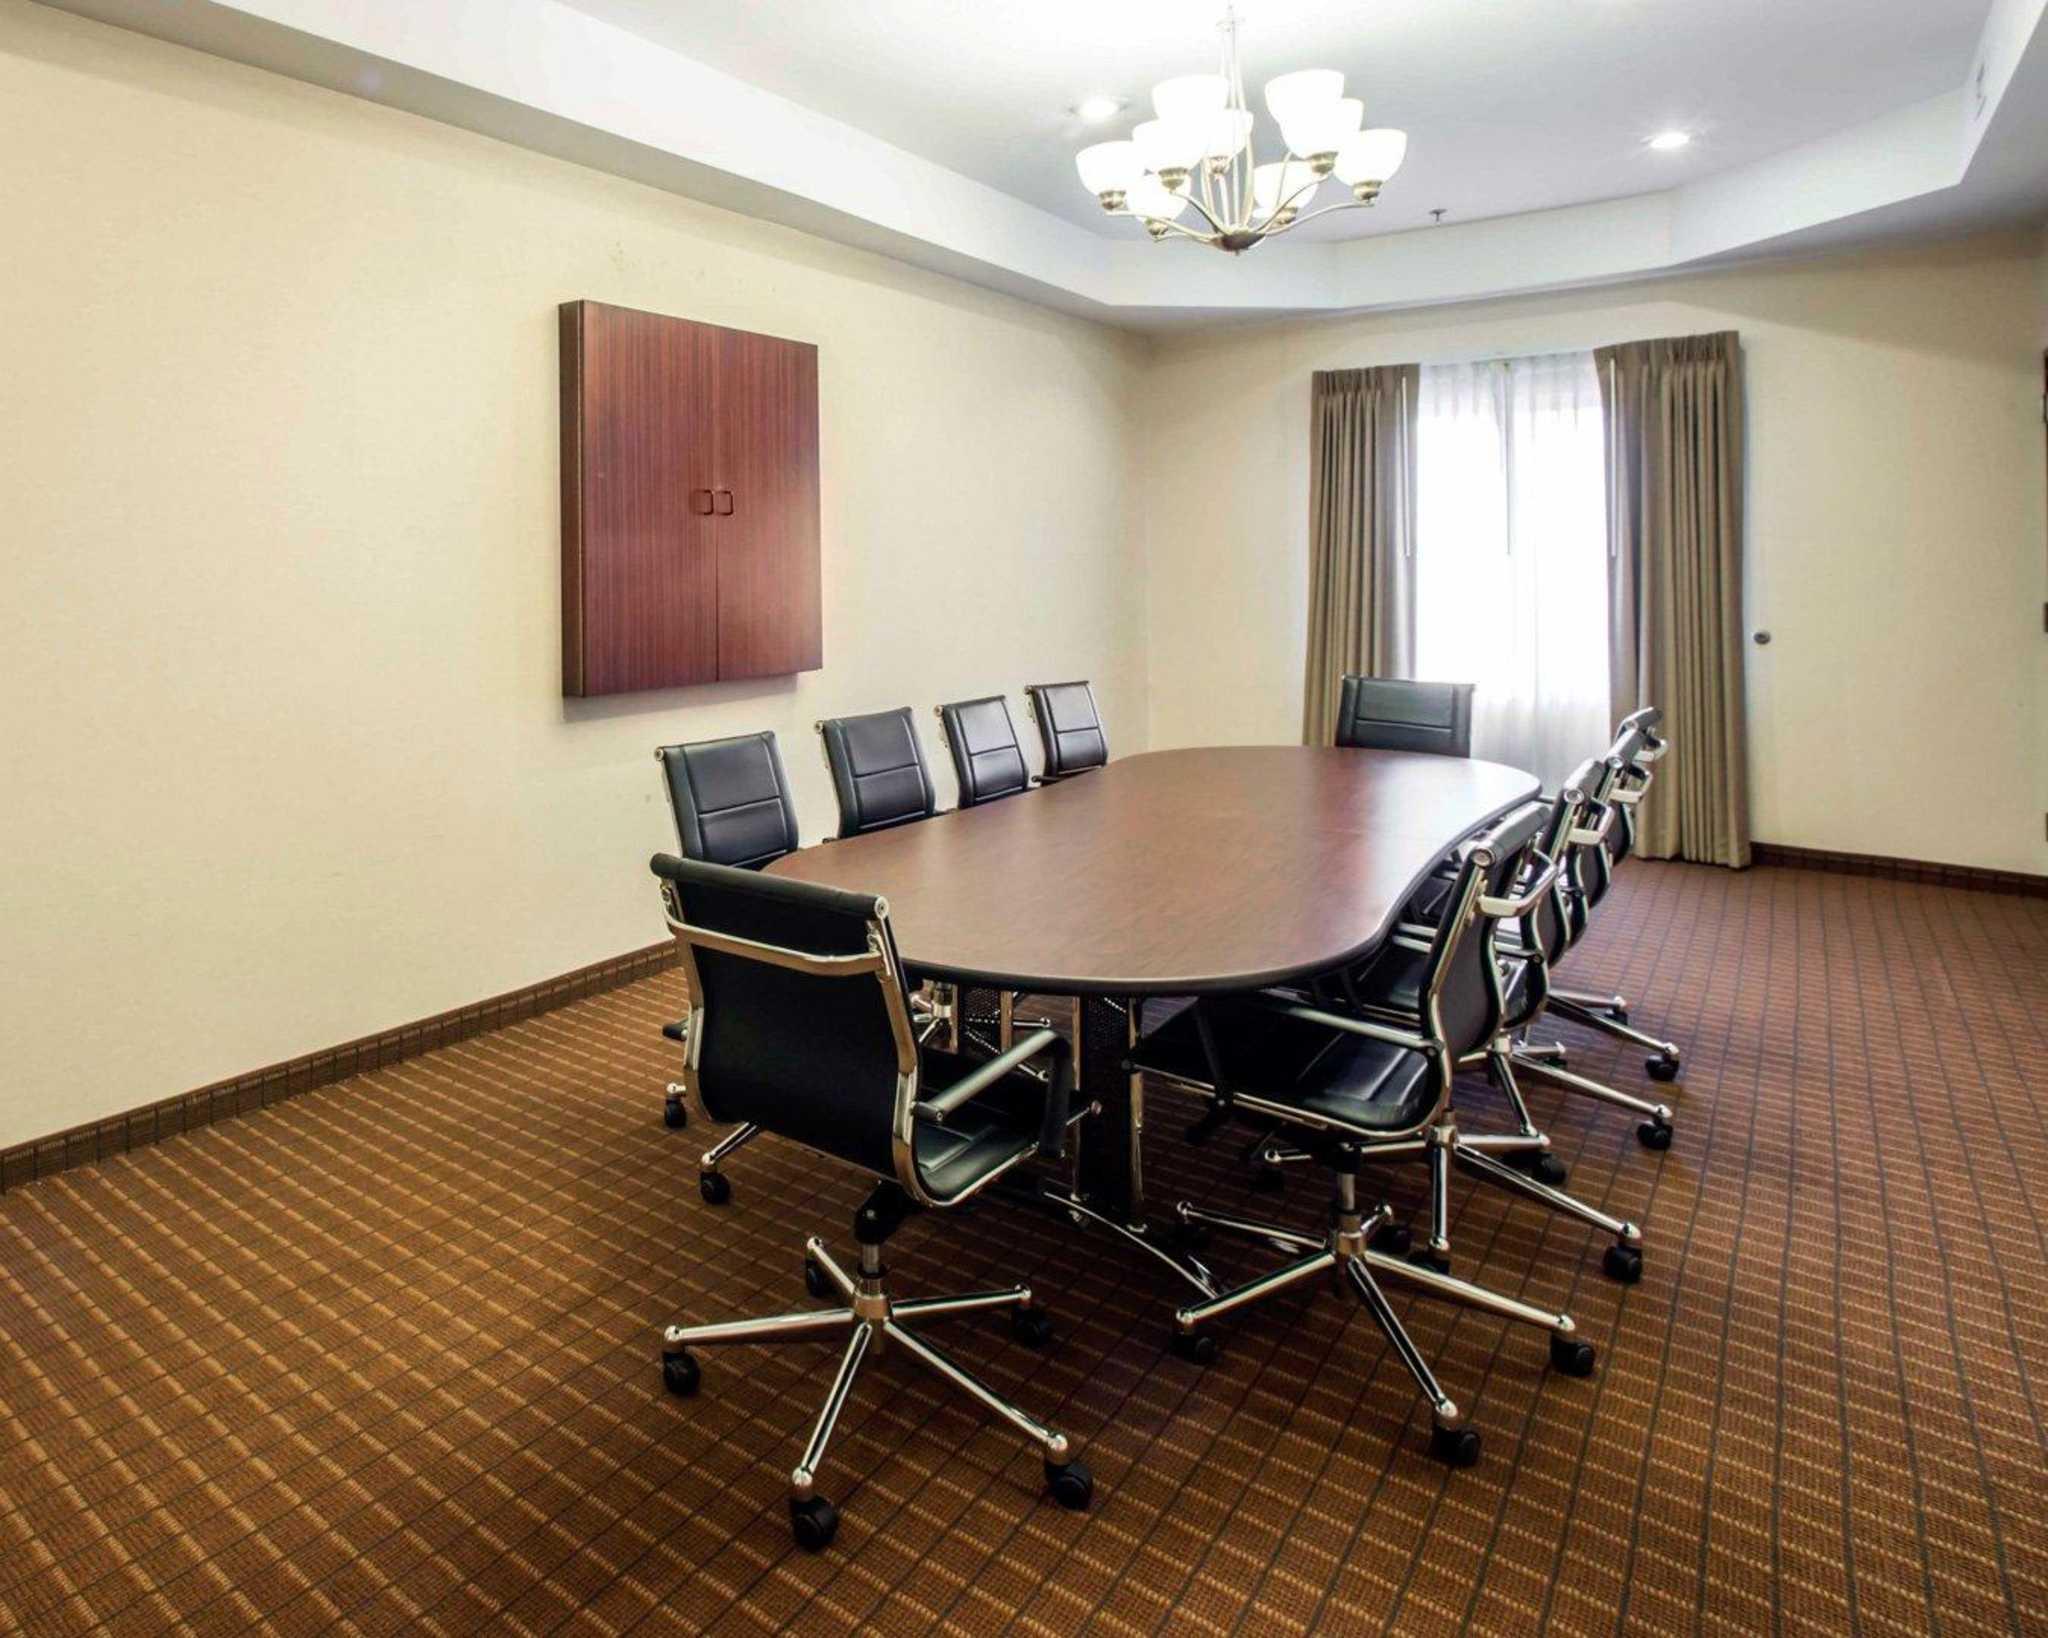 Comfort Inn & Suites Greenville I-70 image 8